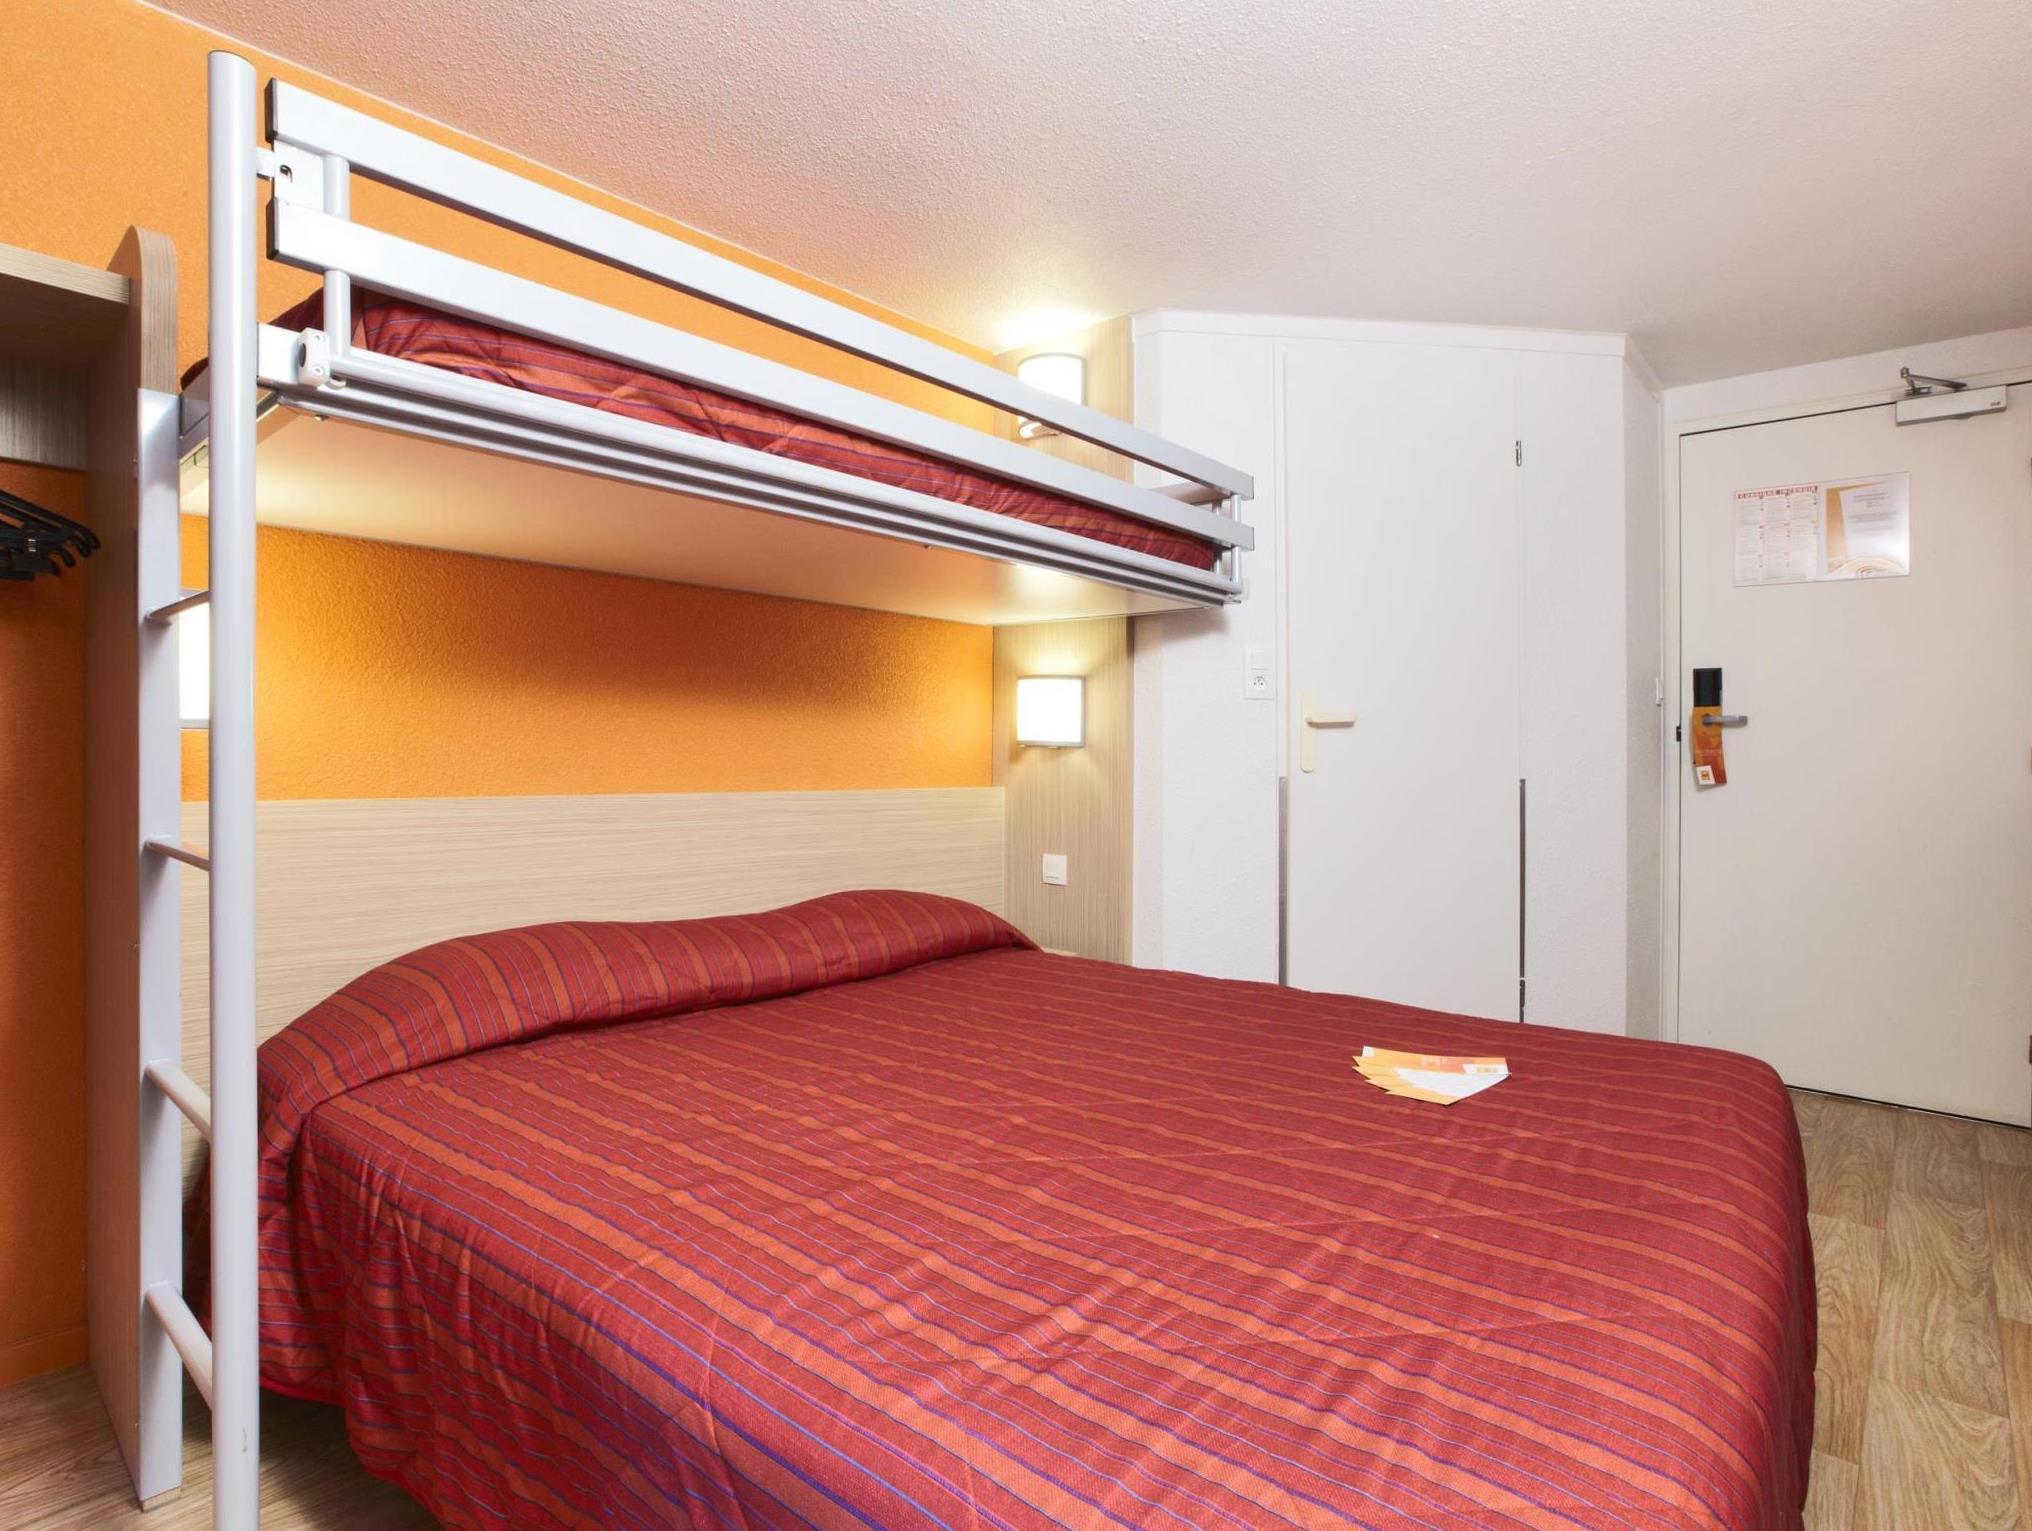 Premiere Classe Paris Montreuil Hotel, Seine-Saint-Denis